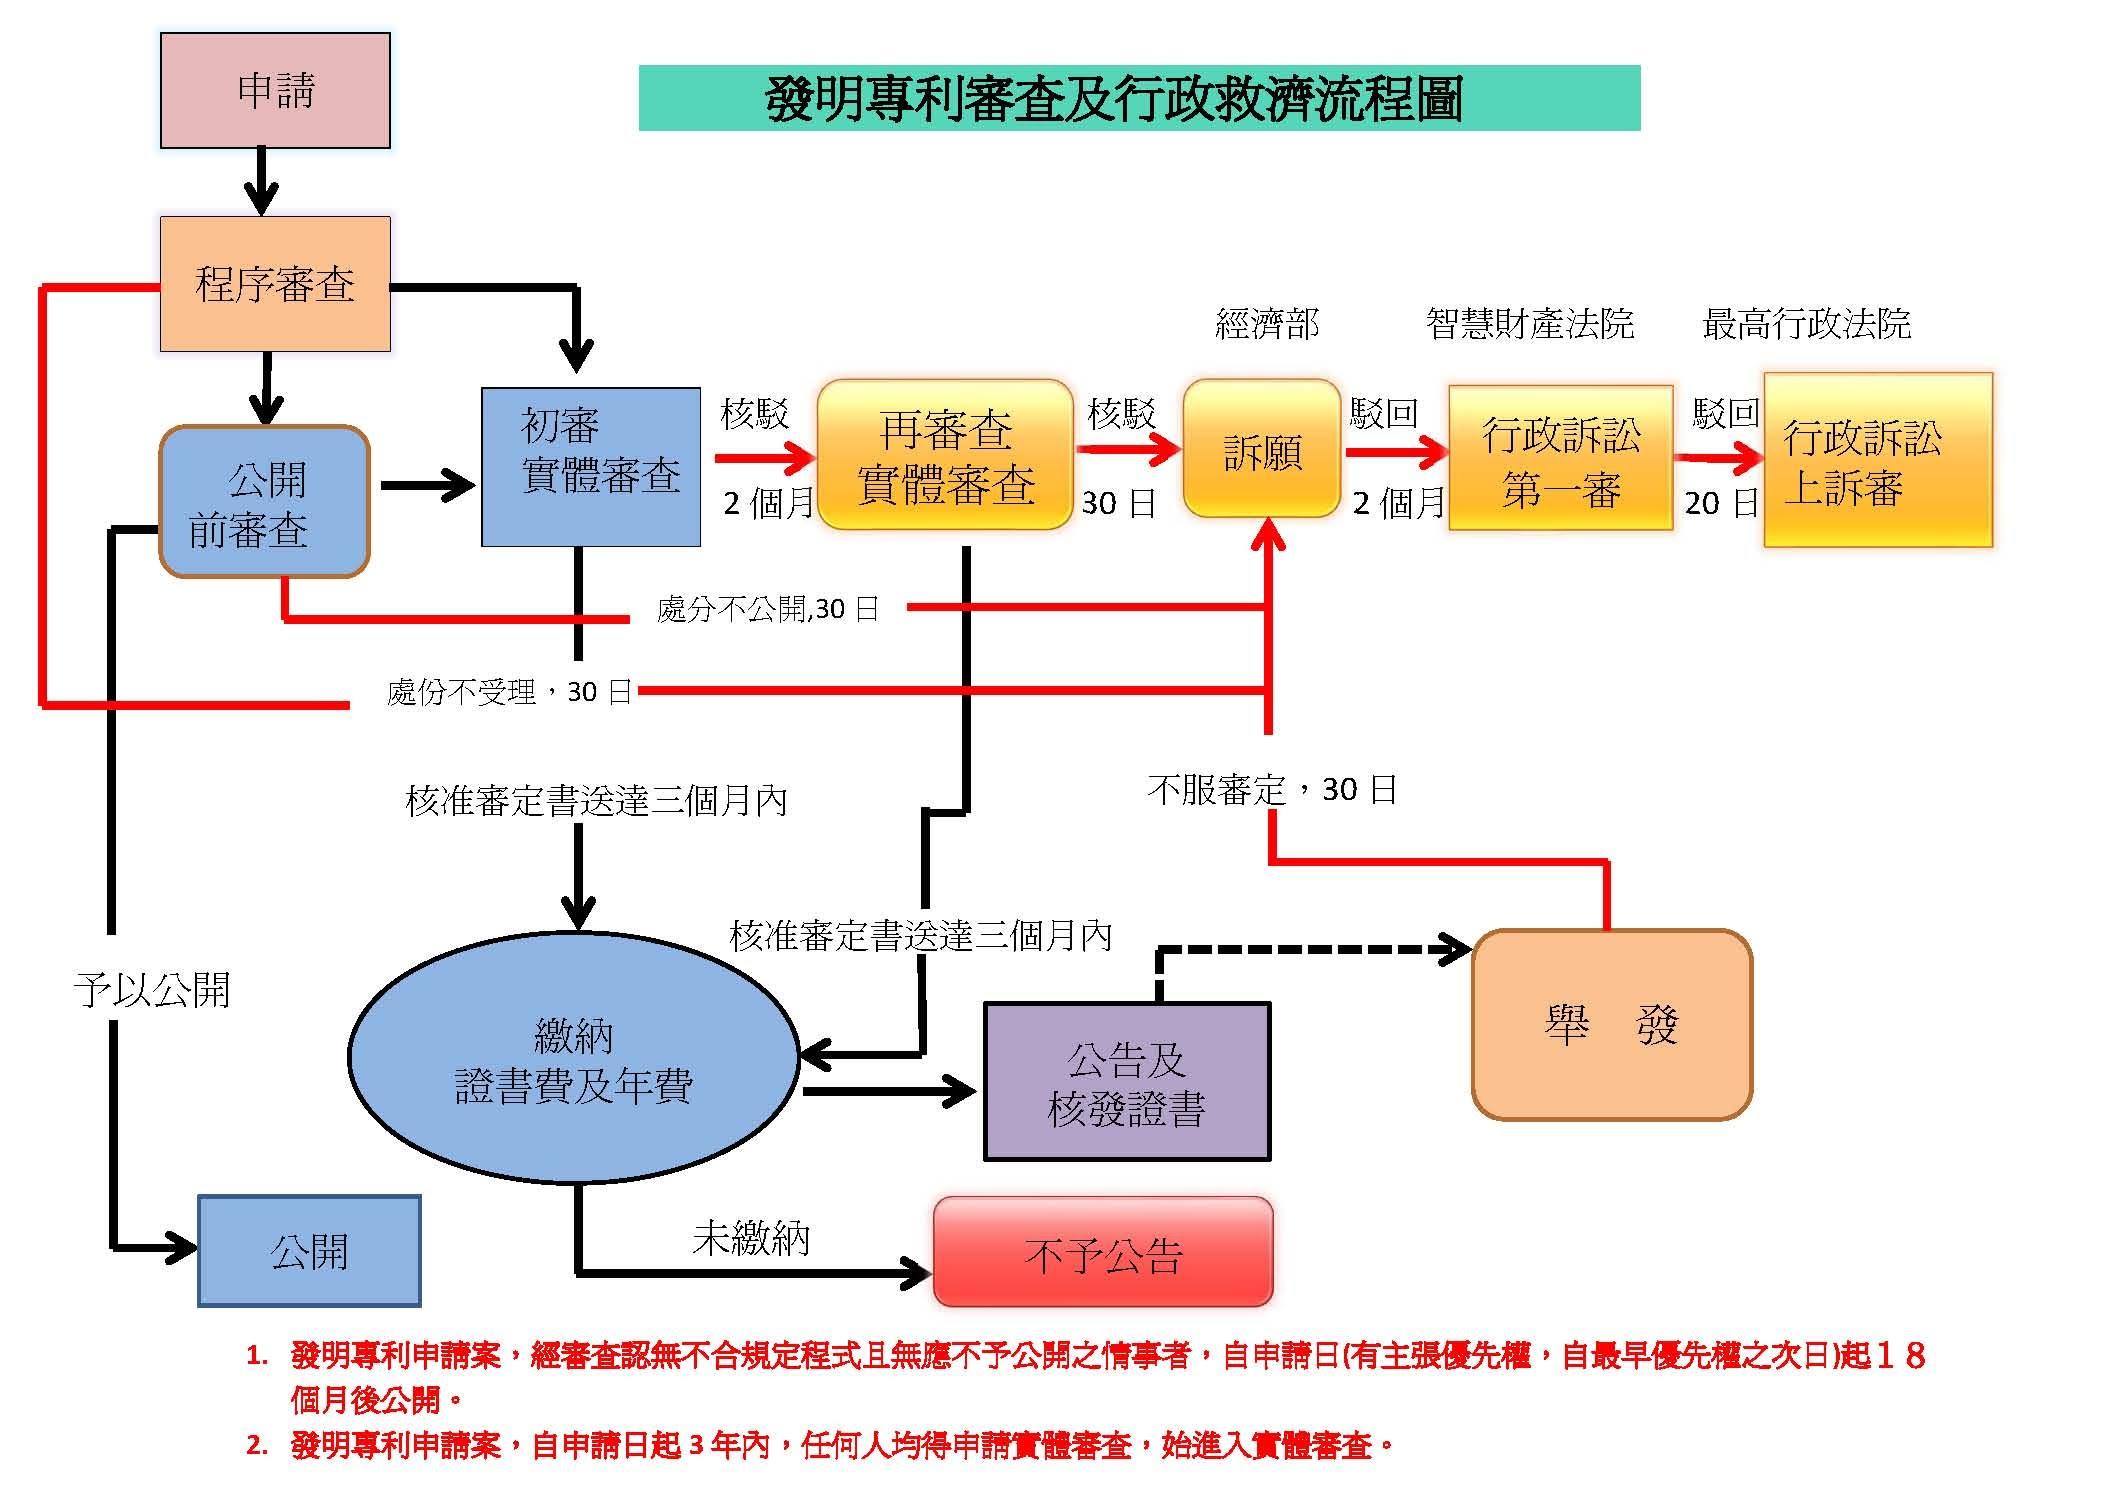 發明專利申請流程 / 國際專利商標事務所 / 臺灣黃頁詢價平臺